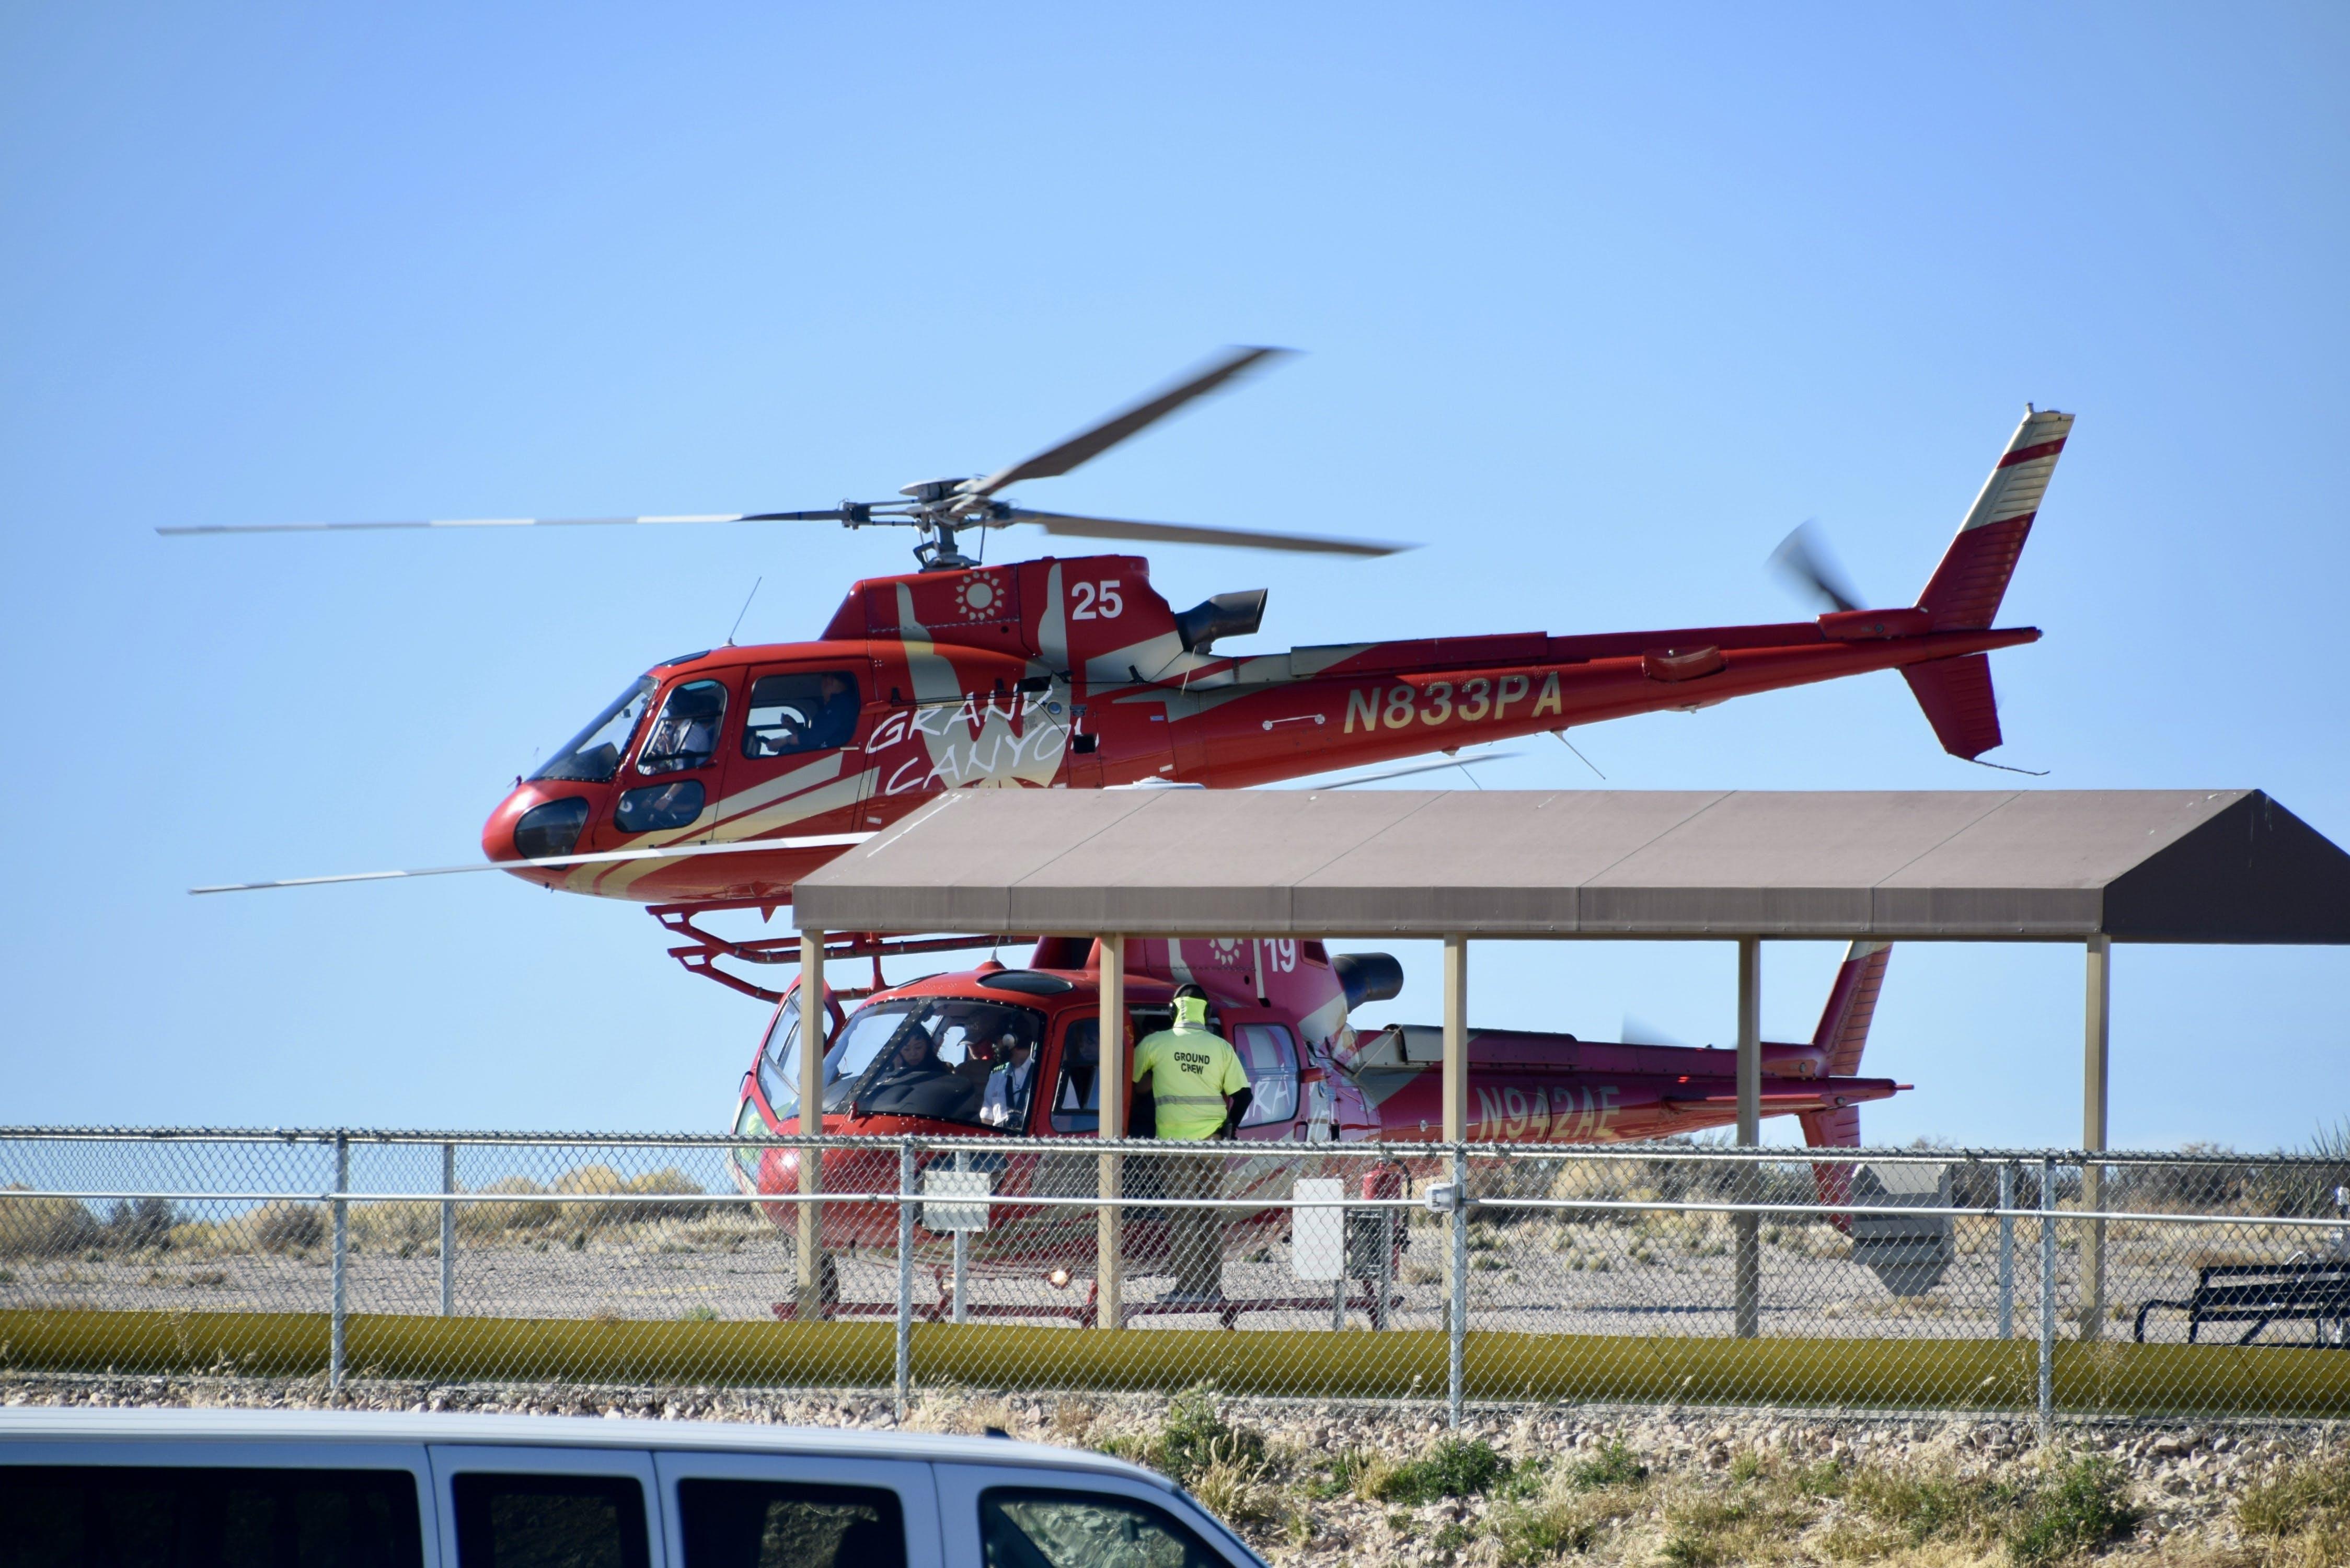 Fotos de stock gratuitas de álabes del rotor, bahía de helicópteros, cerca, chaqueta de alta visibilidad